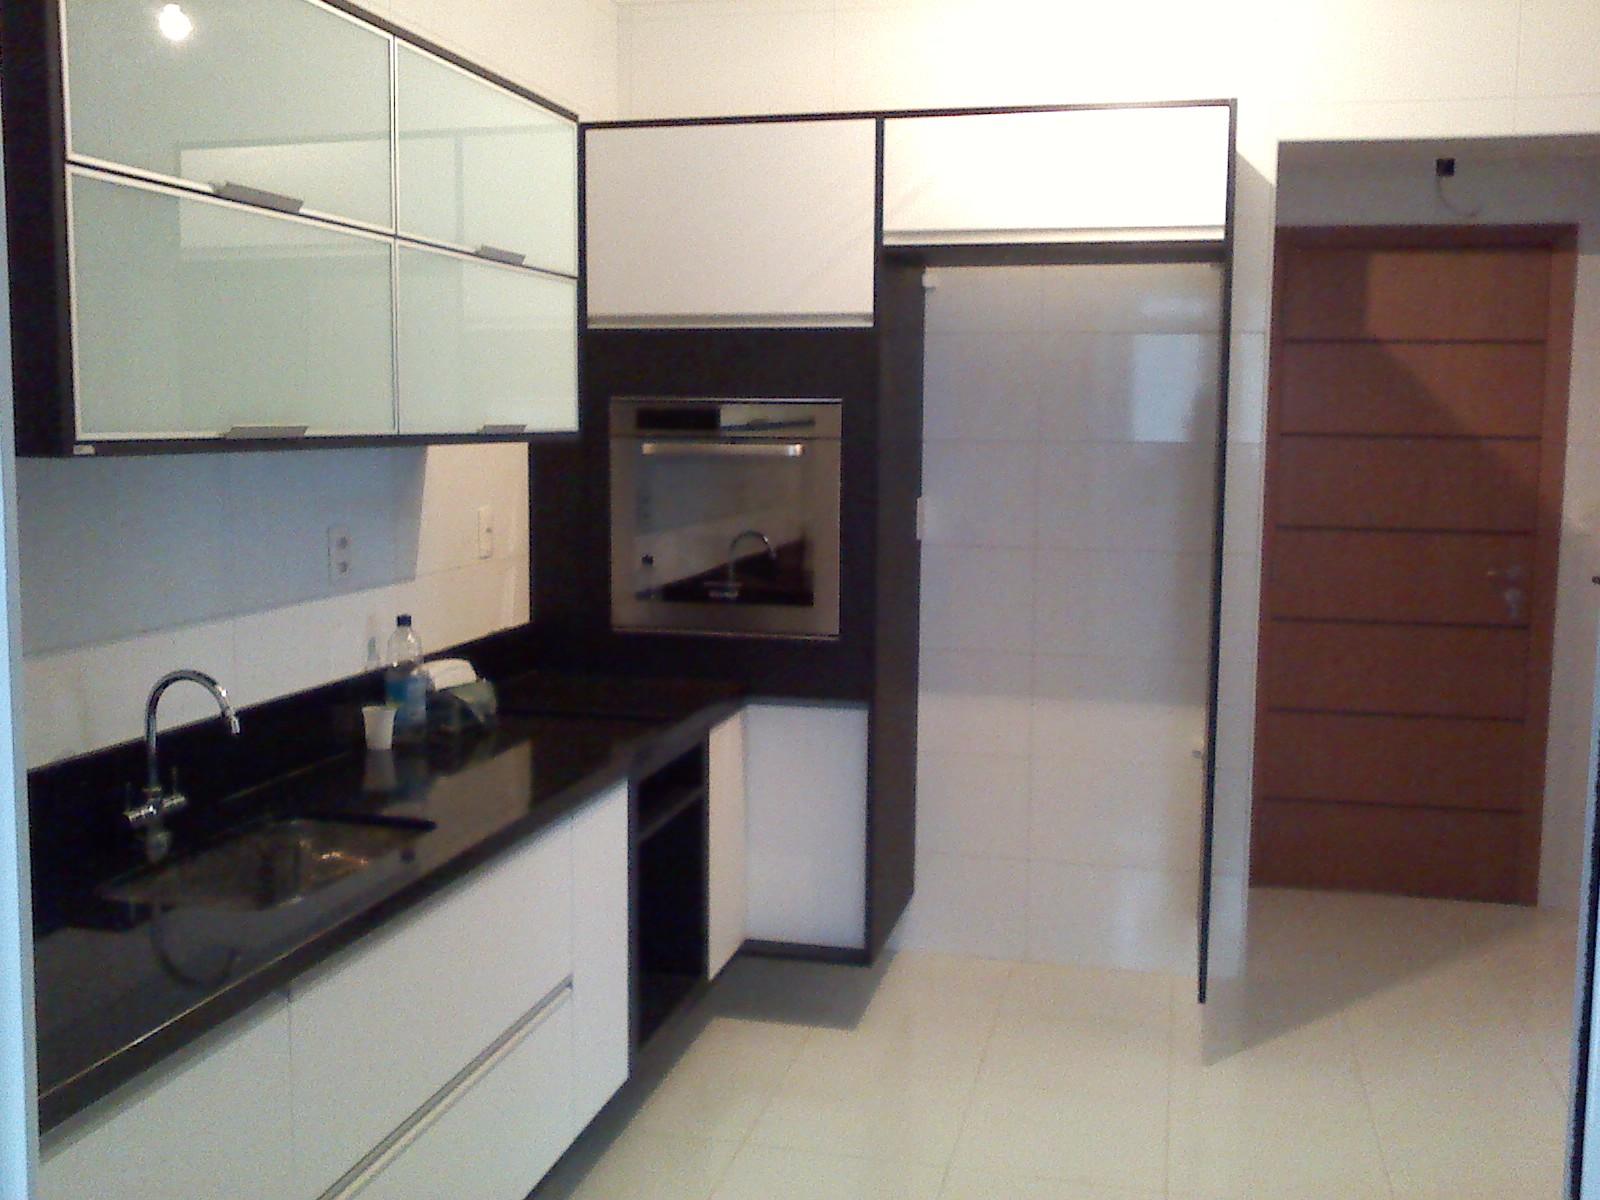 Cozinha Planejada 205 Em Mdf Branco 15mm Com Mdf Preto 15mm Puxadores  #3C708F 1600 1200